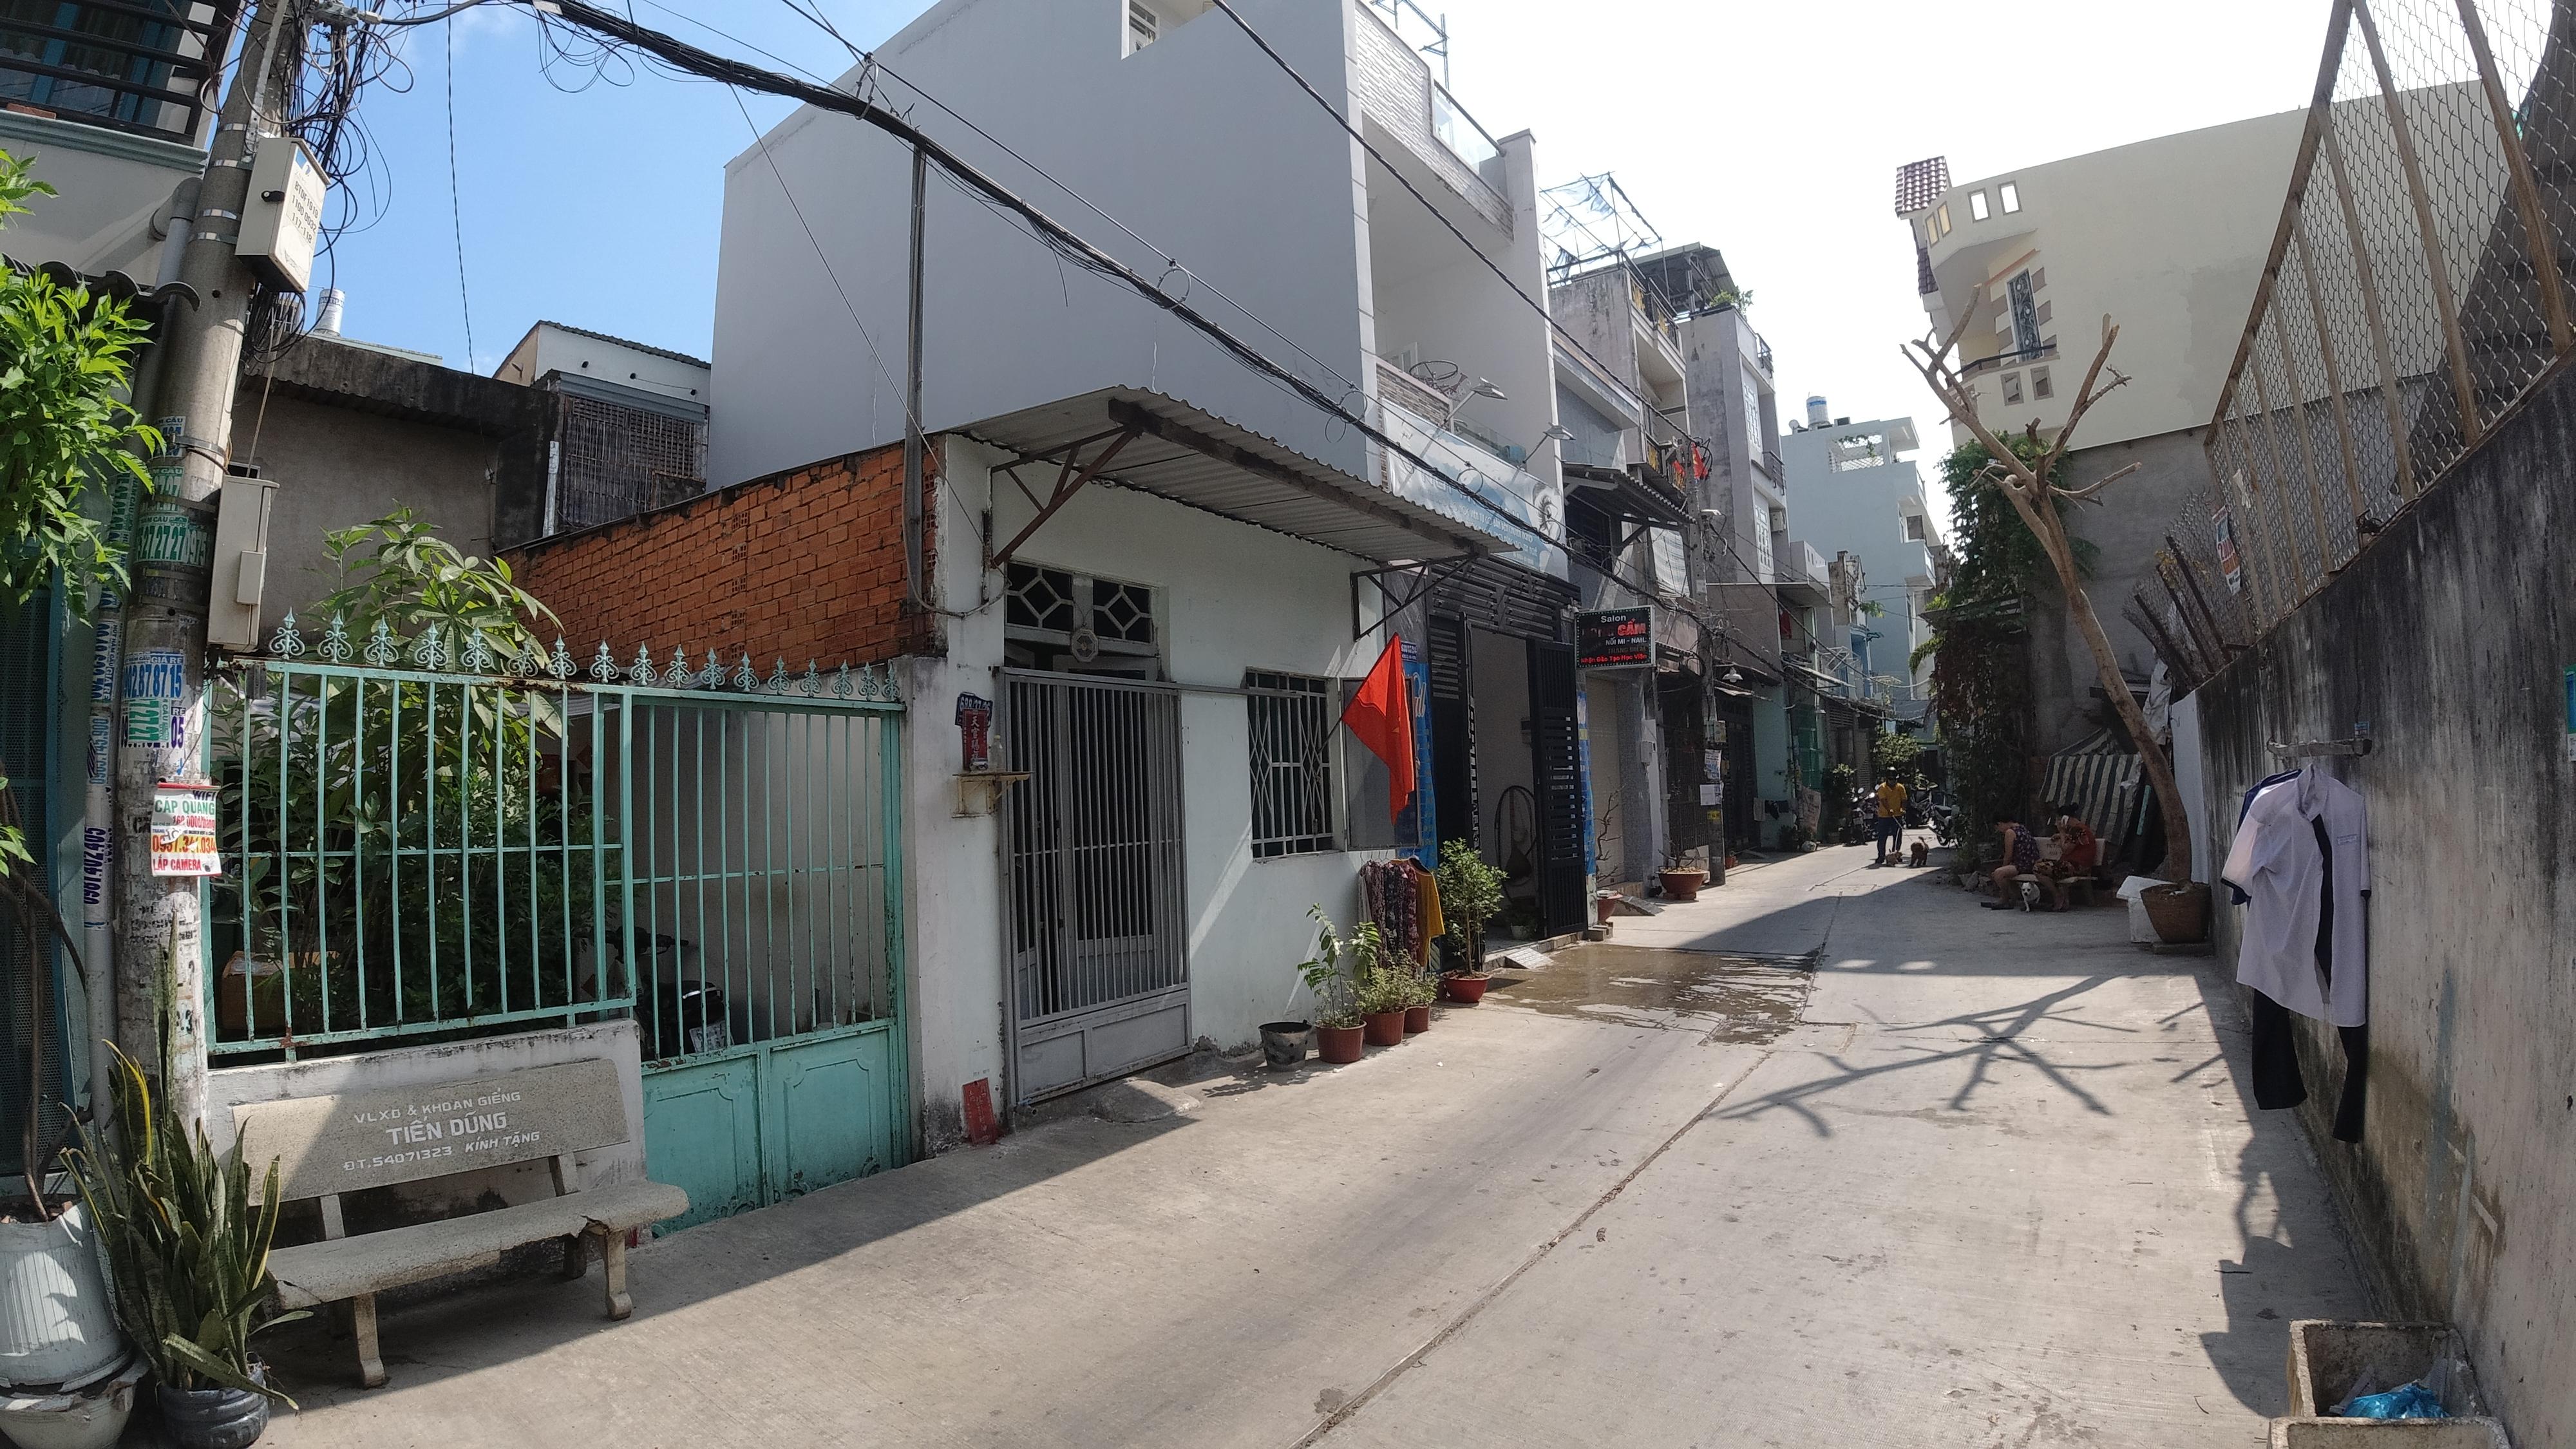 Bán nhà hẻm 688 Hương lộ 2, Bình Trị Đông A, quận Bình Tân dưới 4 tỷ